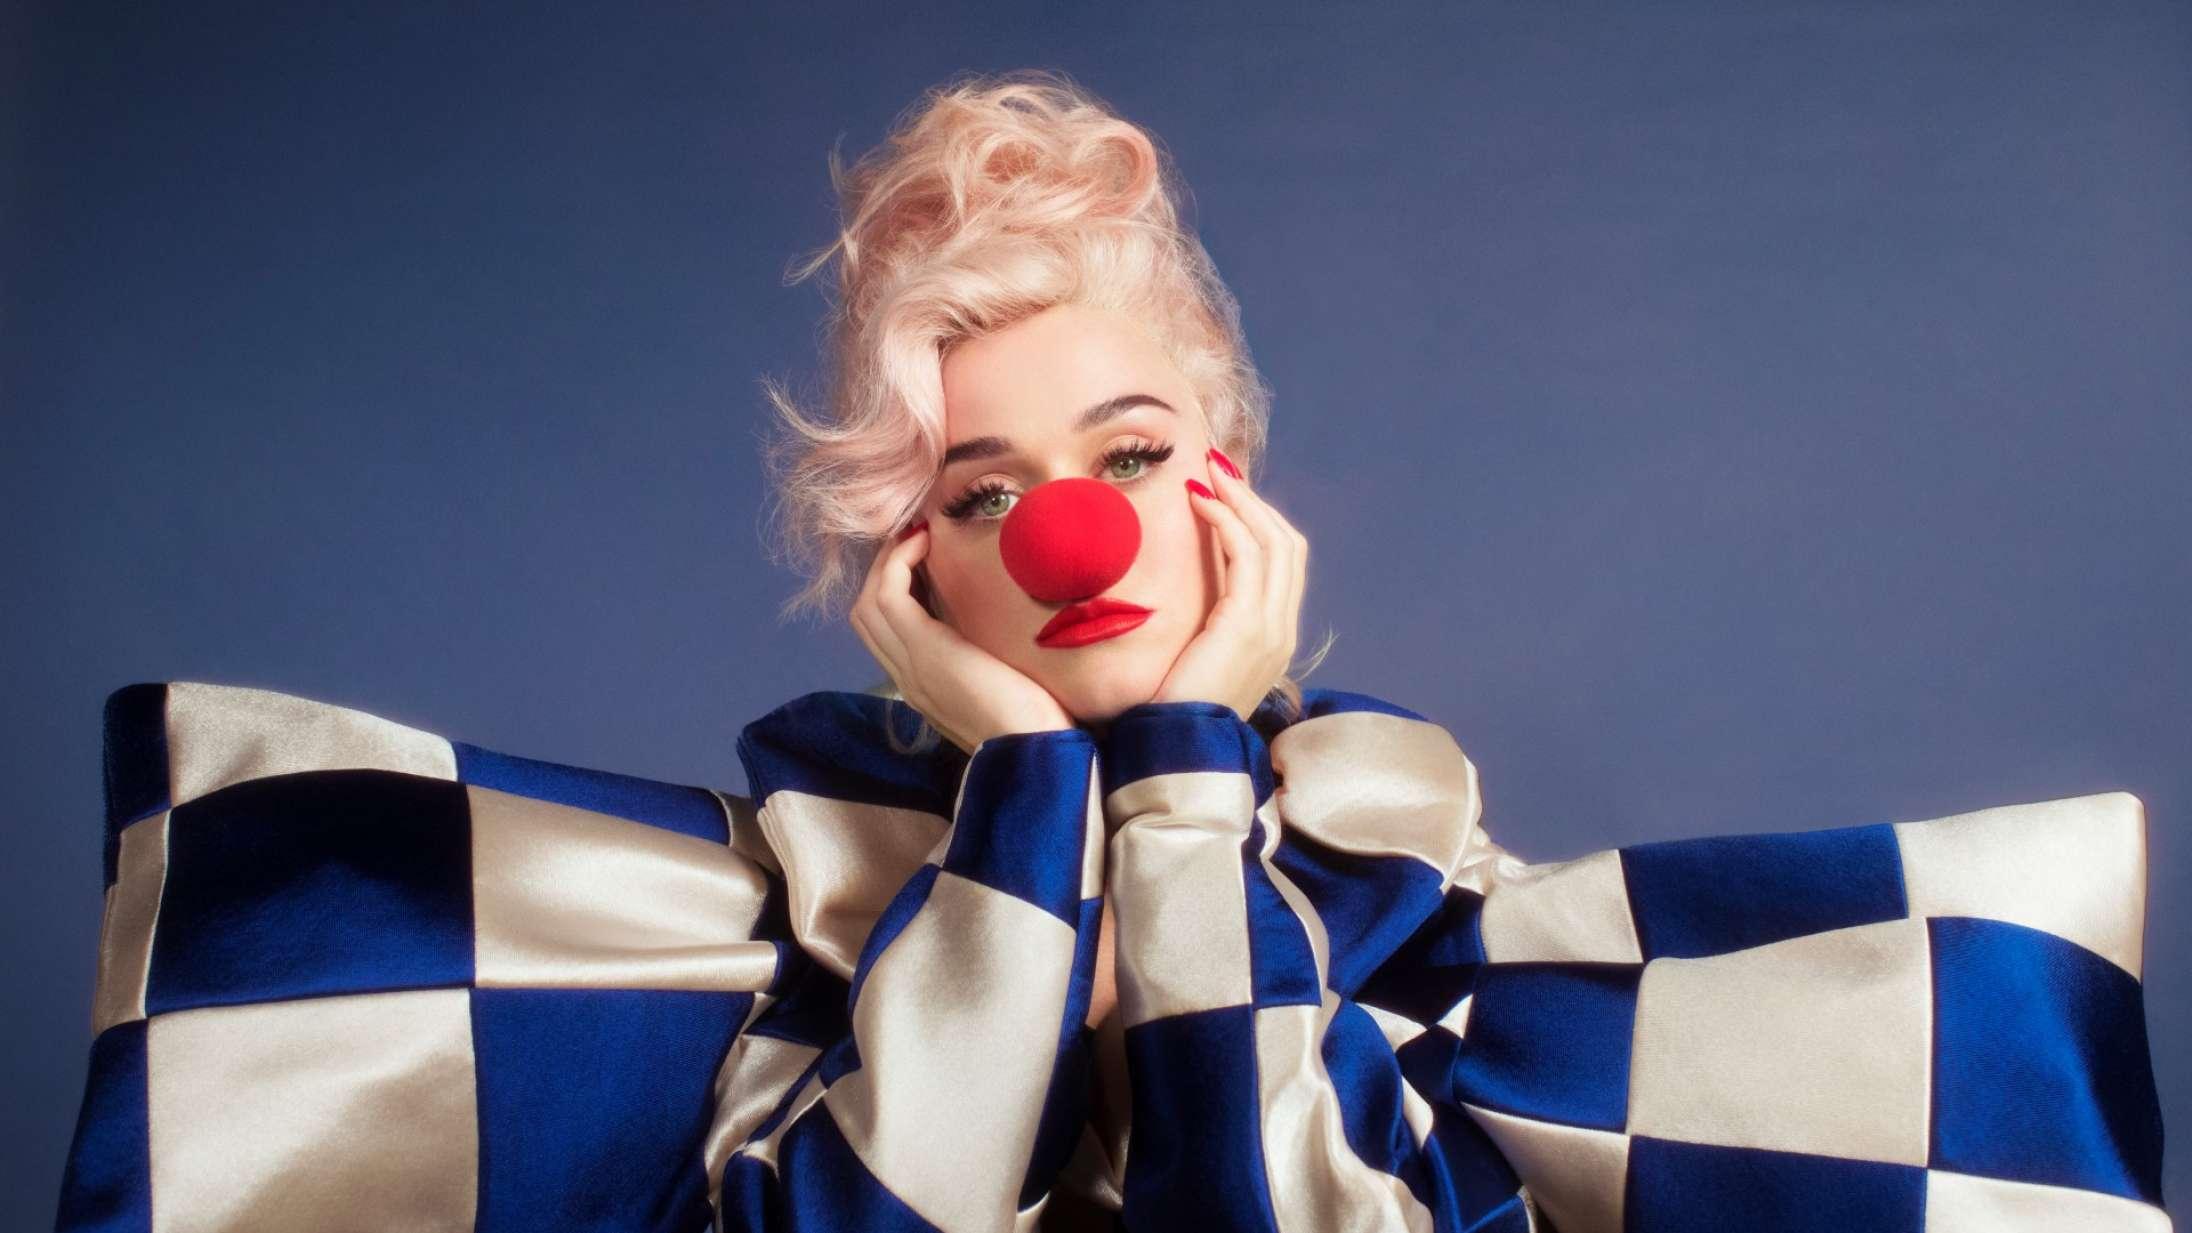 Hvornår begyndte hele verden at hade Katy Perry?